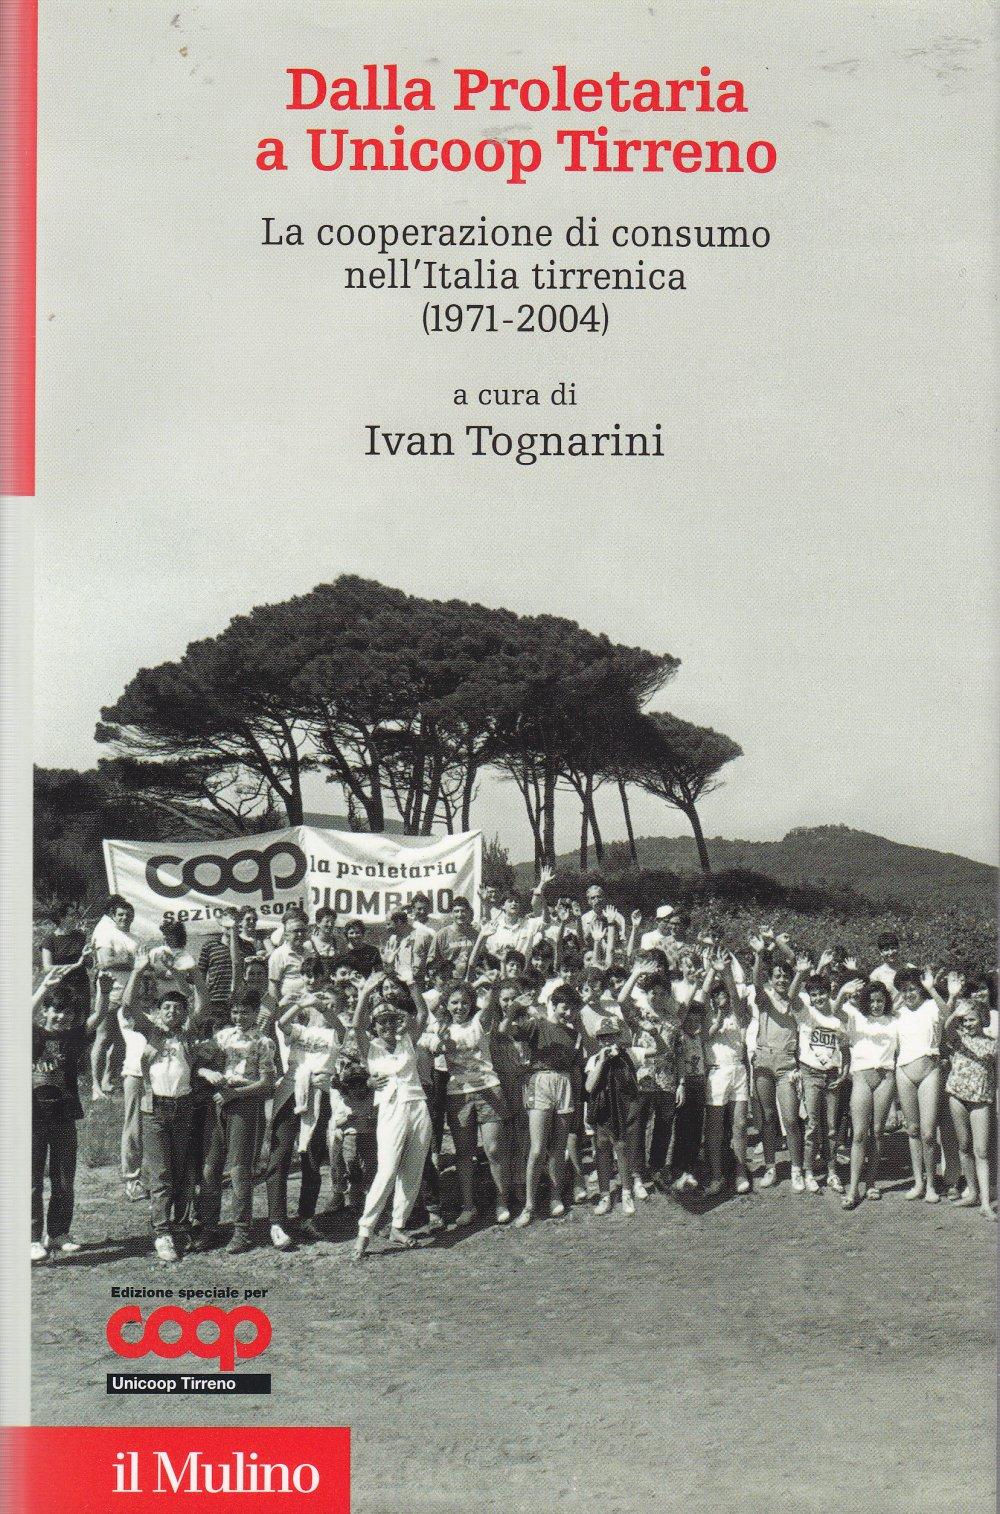 Dalla Proletaria1971-2004